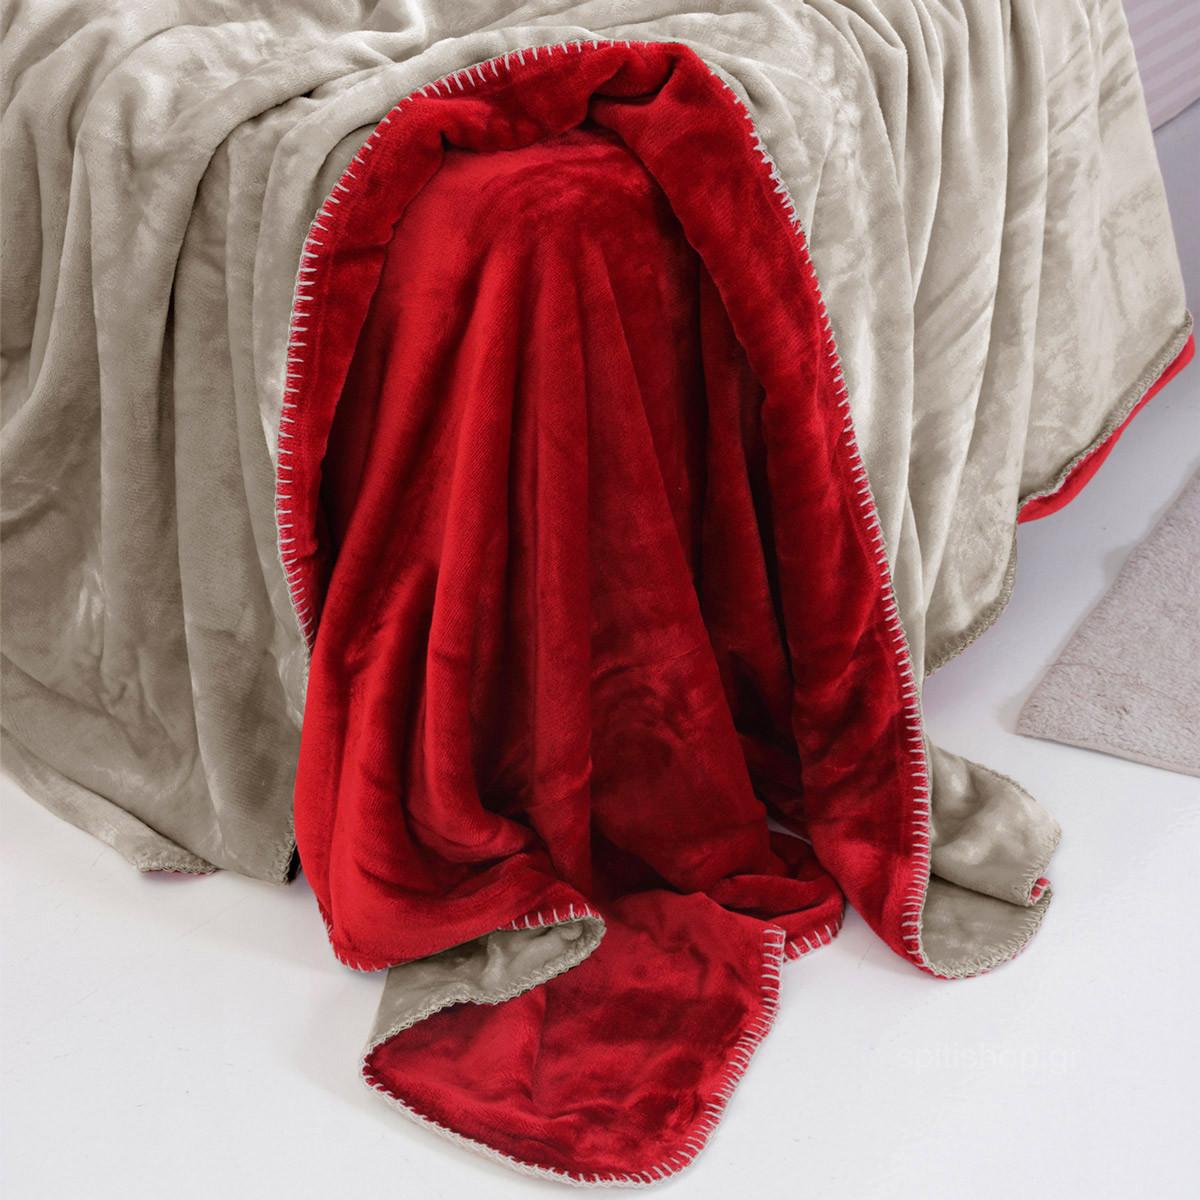 Κουβέρτα Fleece Μονή 2 Όψεων Sb Home Abbracio Cherry